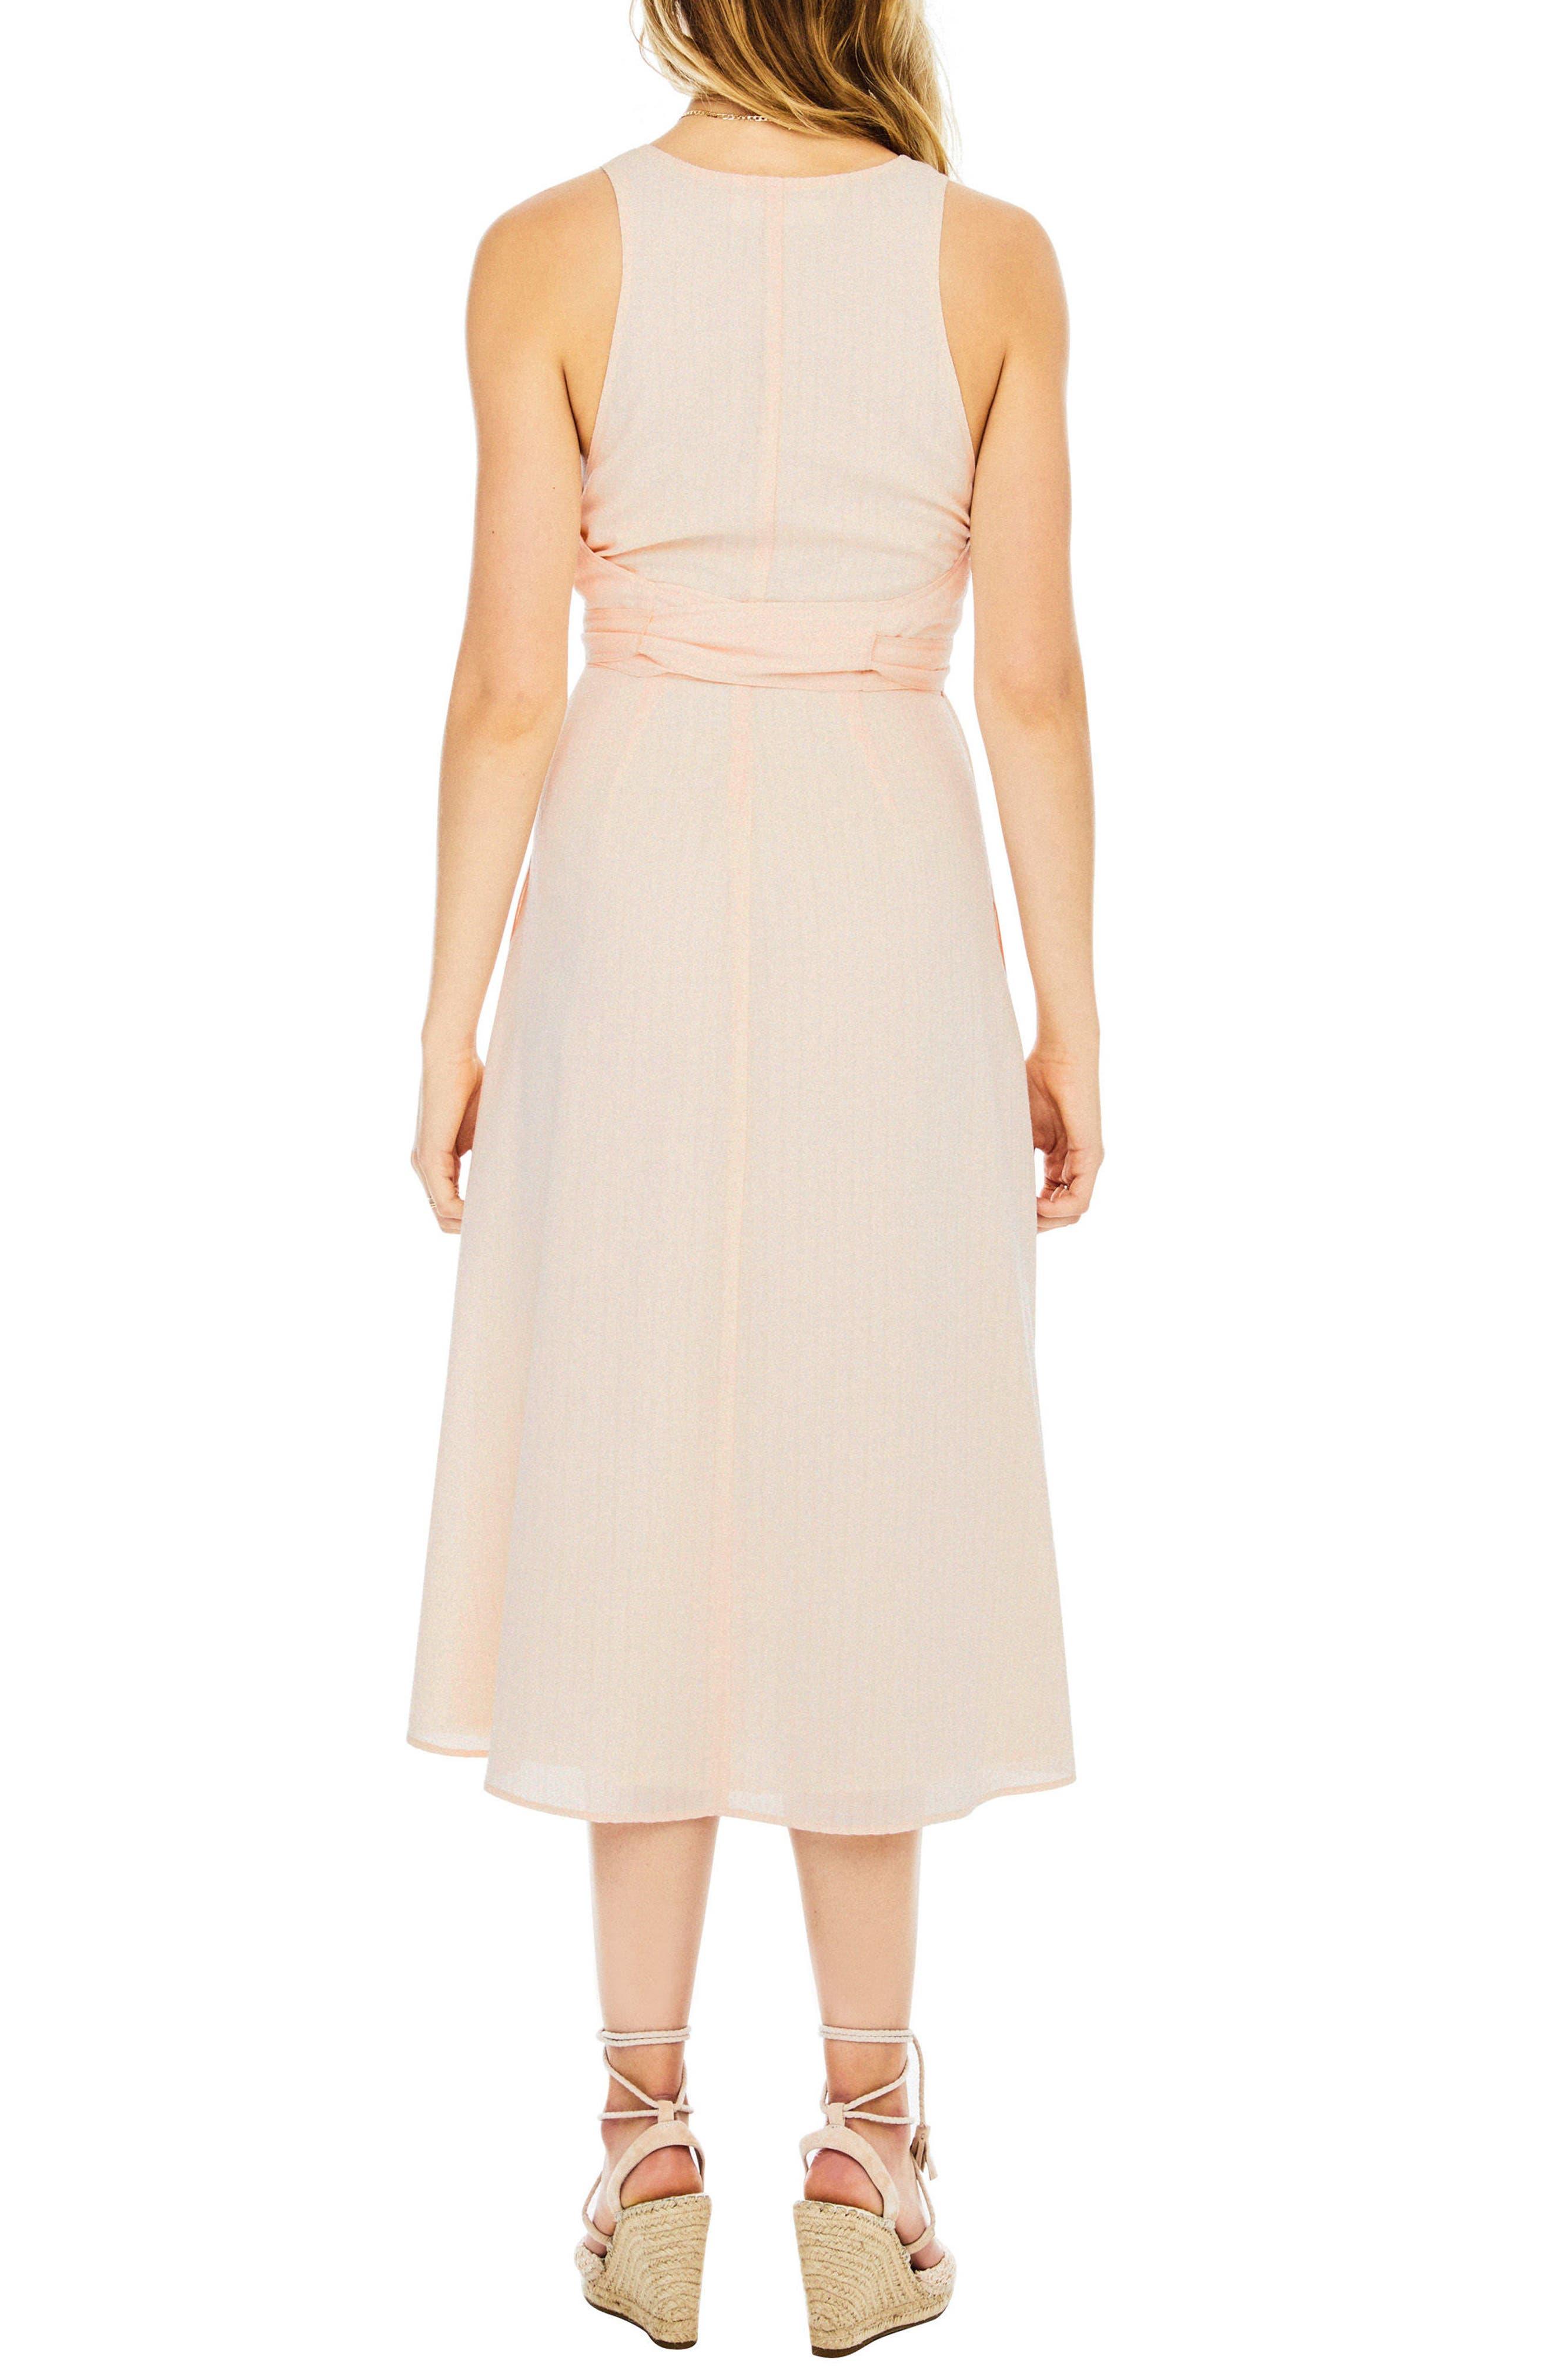 Brady Dress,                             Alternate thumbnail 3, color,                             Powder Pink